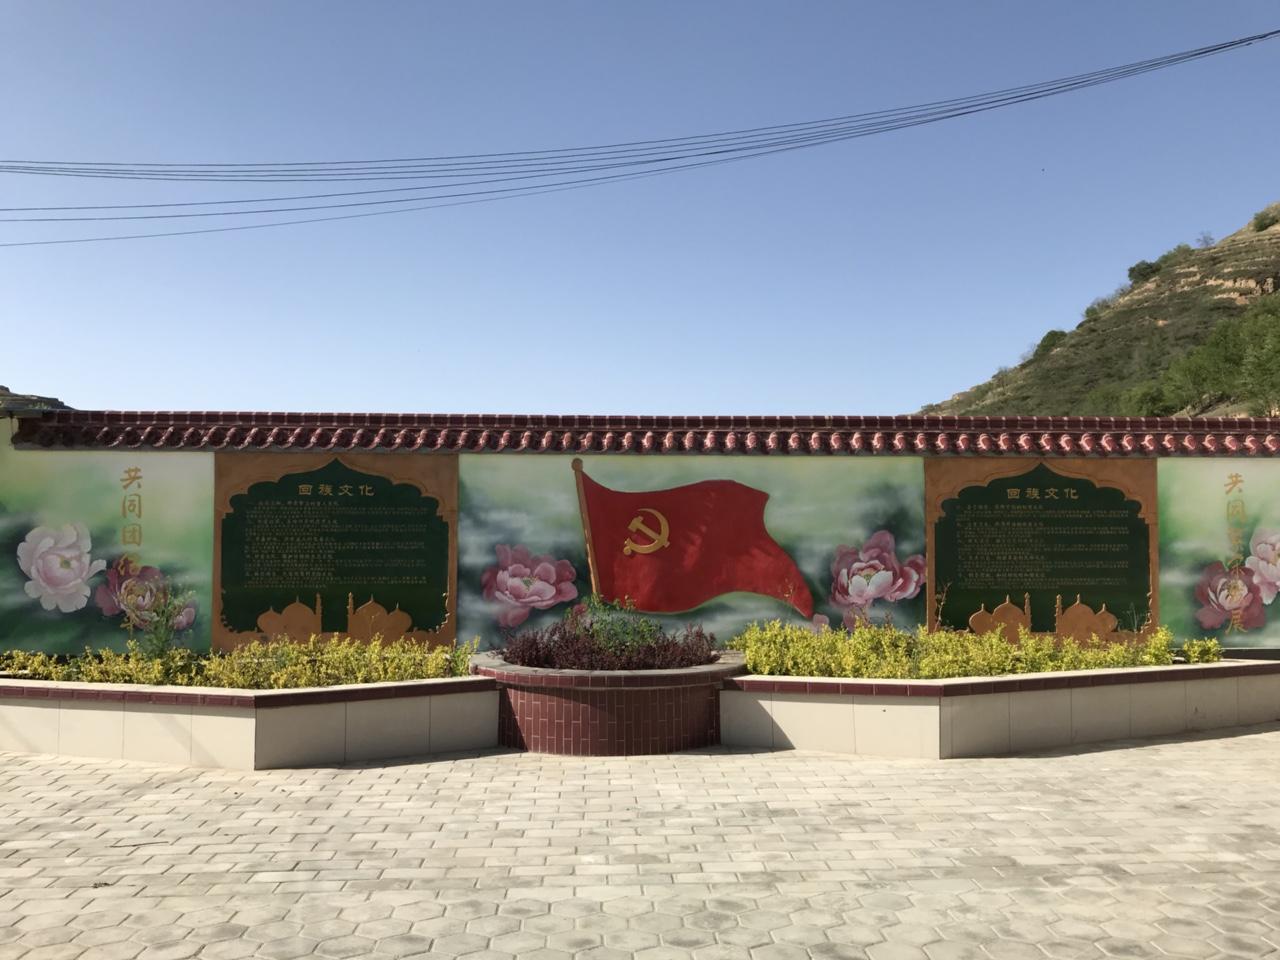 【文化惠民】大阳镇下李村综合文化服务中心风�